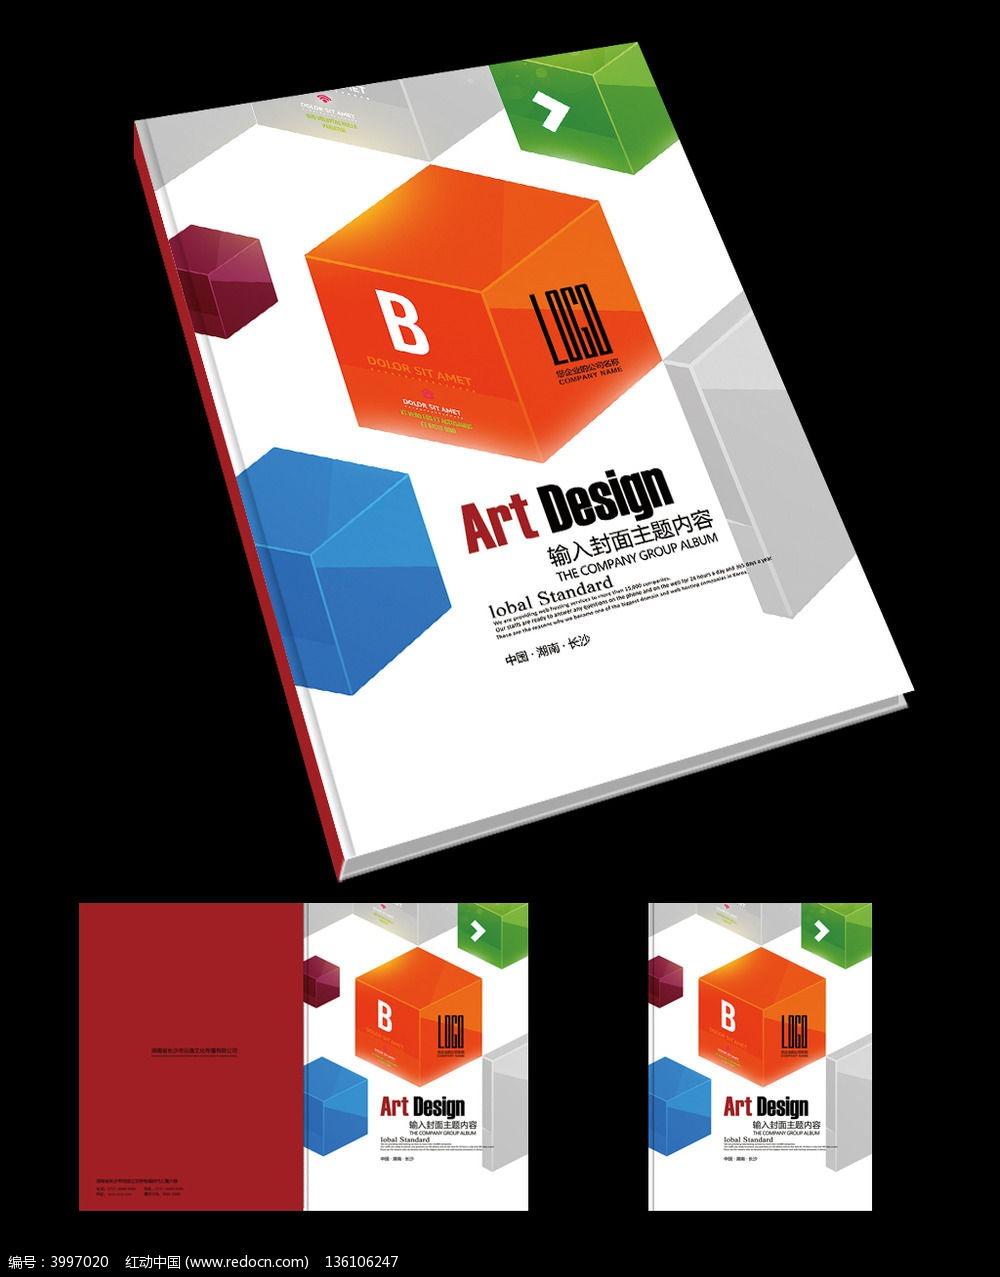 数学辅导书封面设计psd下载